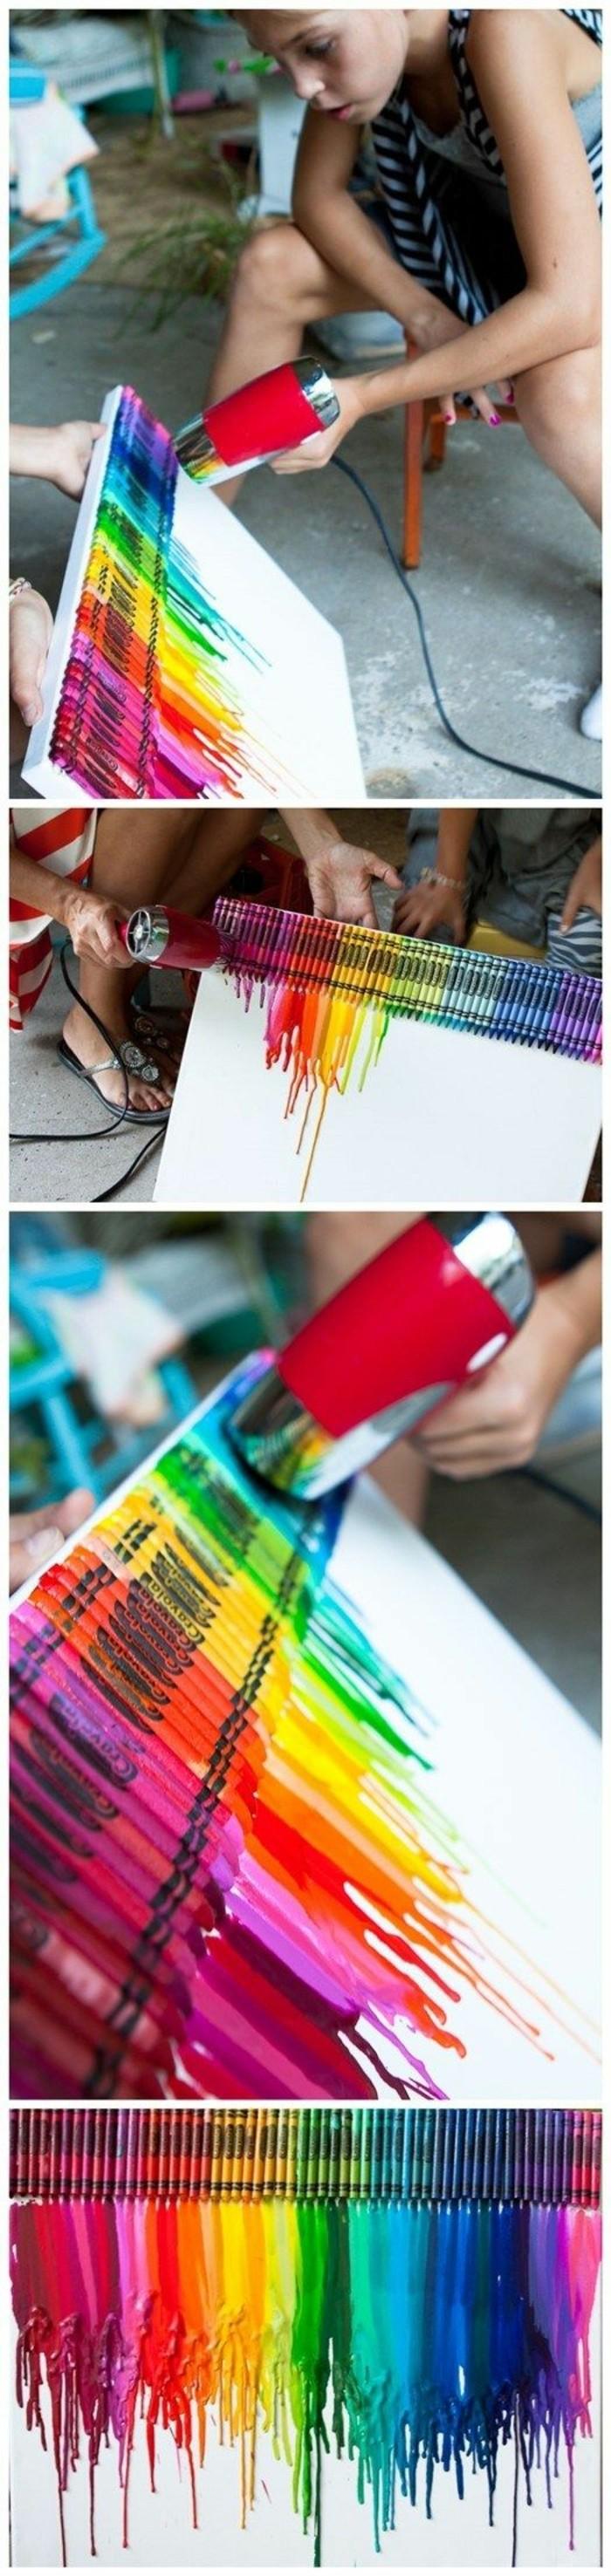 Idee Deco Salon A Faire Soi Meme ▷ 1001 + idées ingénieuses de déco murale à faire soi-même